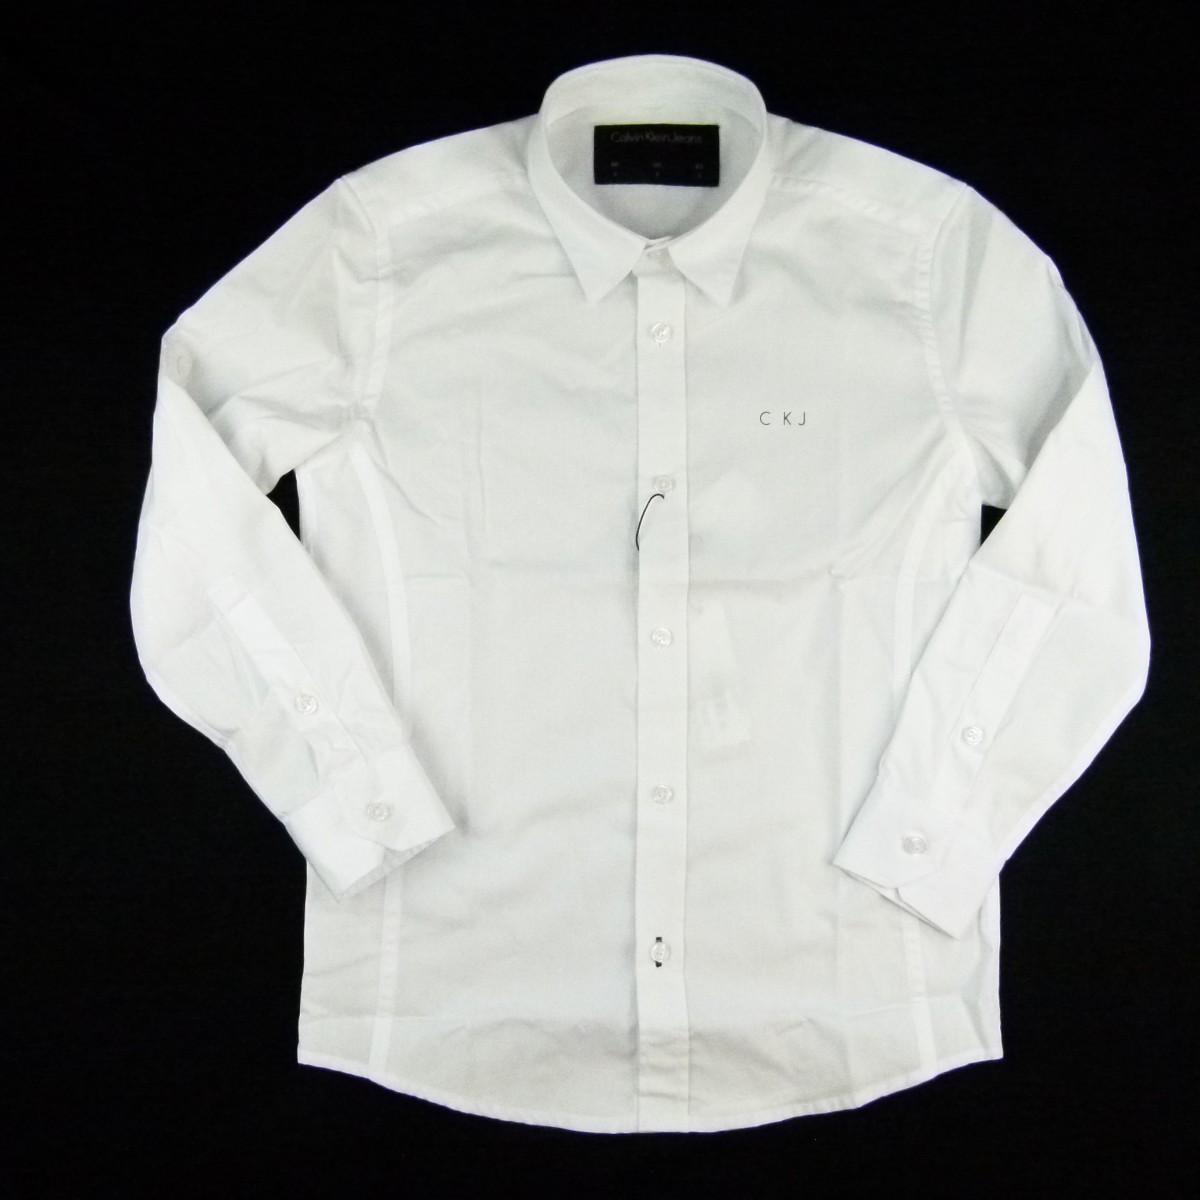 Camisa Manga Longa Calvin Klein - 032272 / 032274 Branco